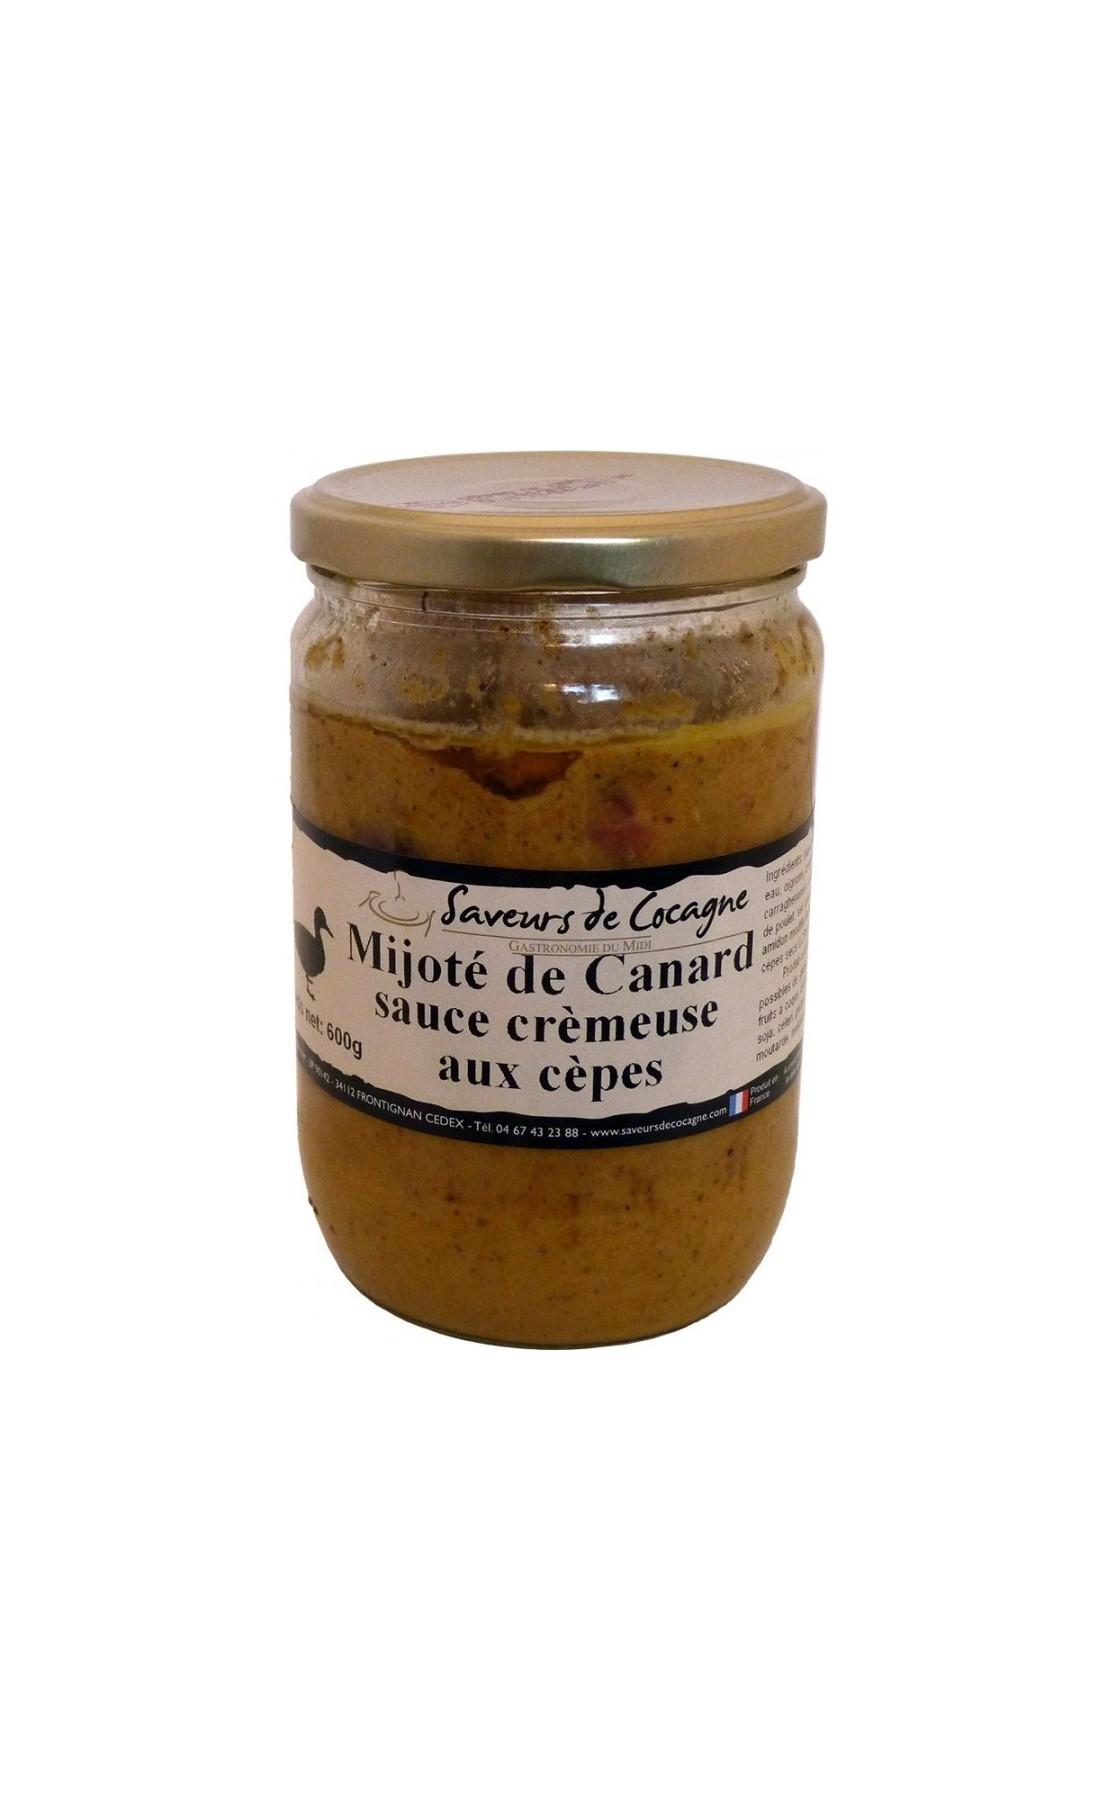 Mijoté de Canard sauce crémeuse aux cèpes 600g